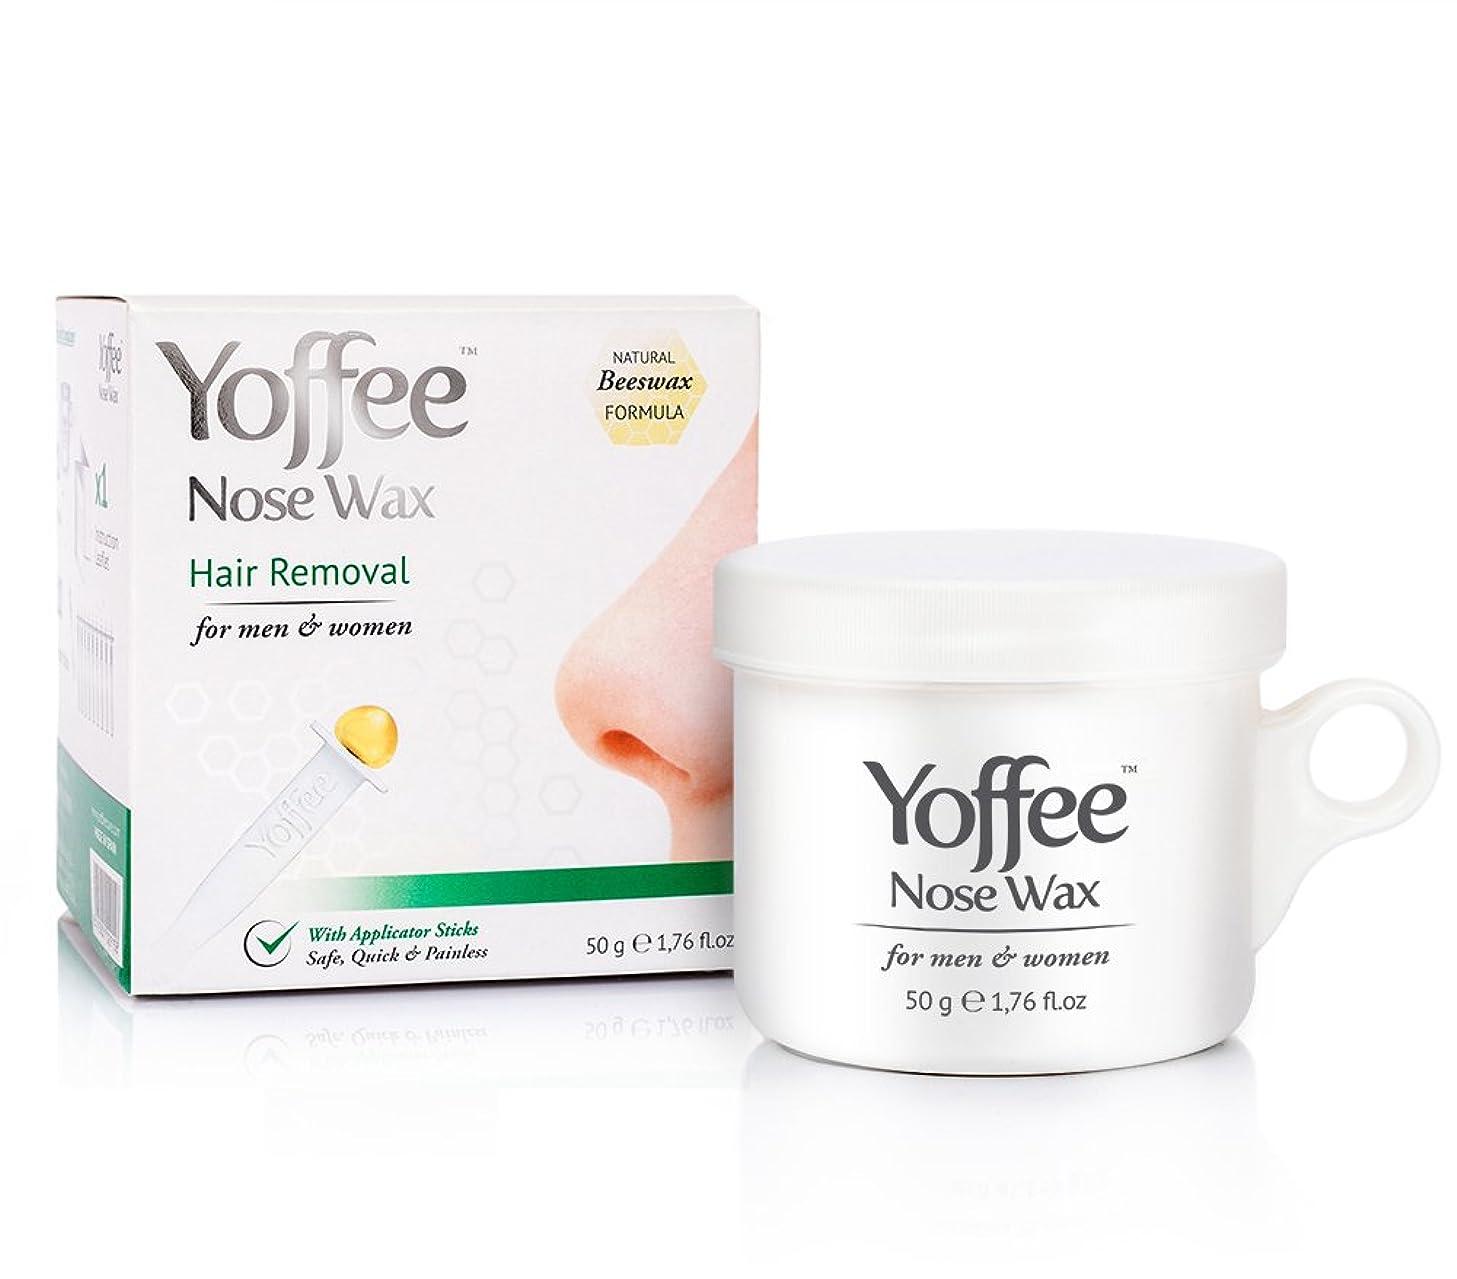 前文急性暴動ヨーフィ (Yoffee) ノーズ ヘア リムーバル 鼻毛 脱毛 ビーズ ワックス